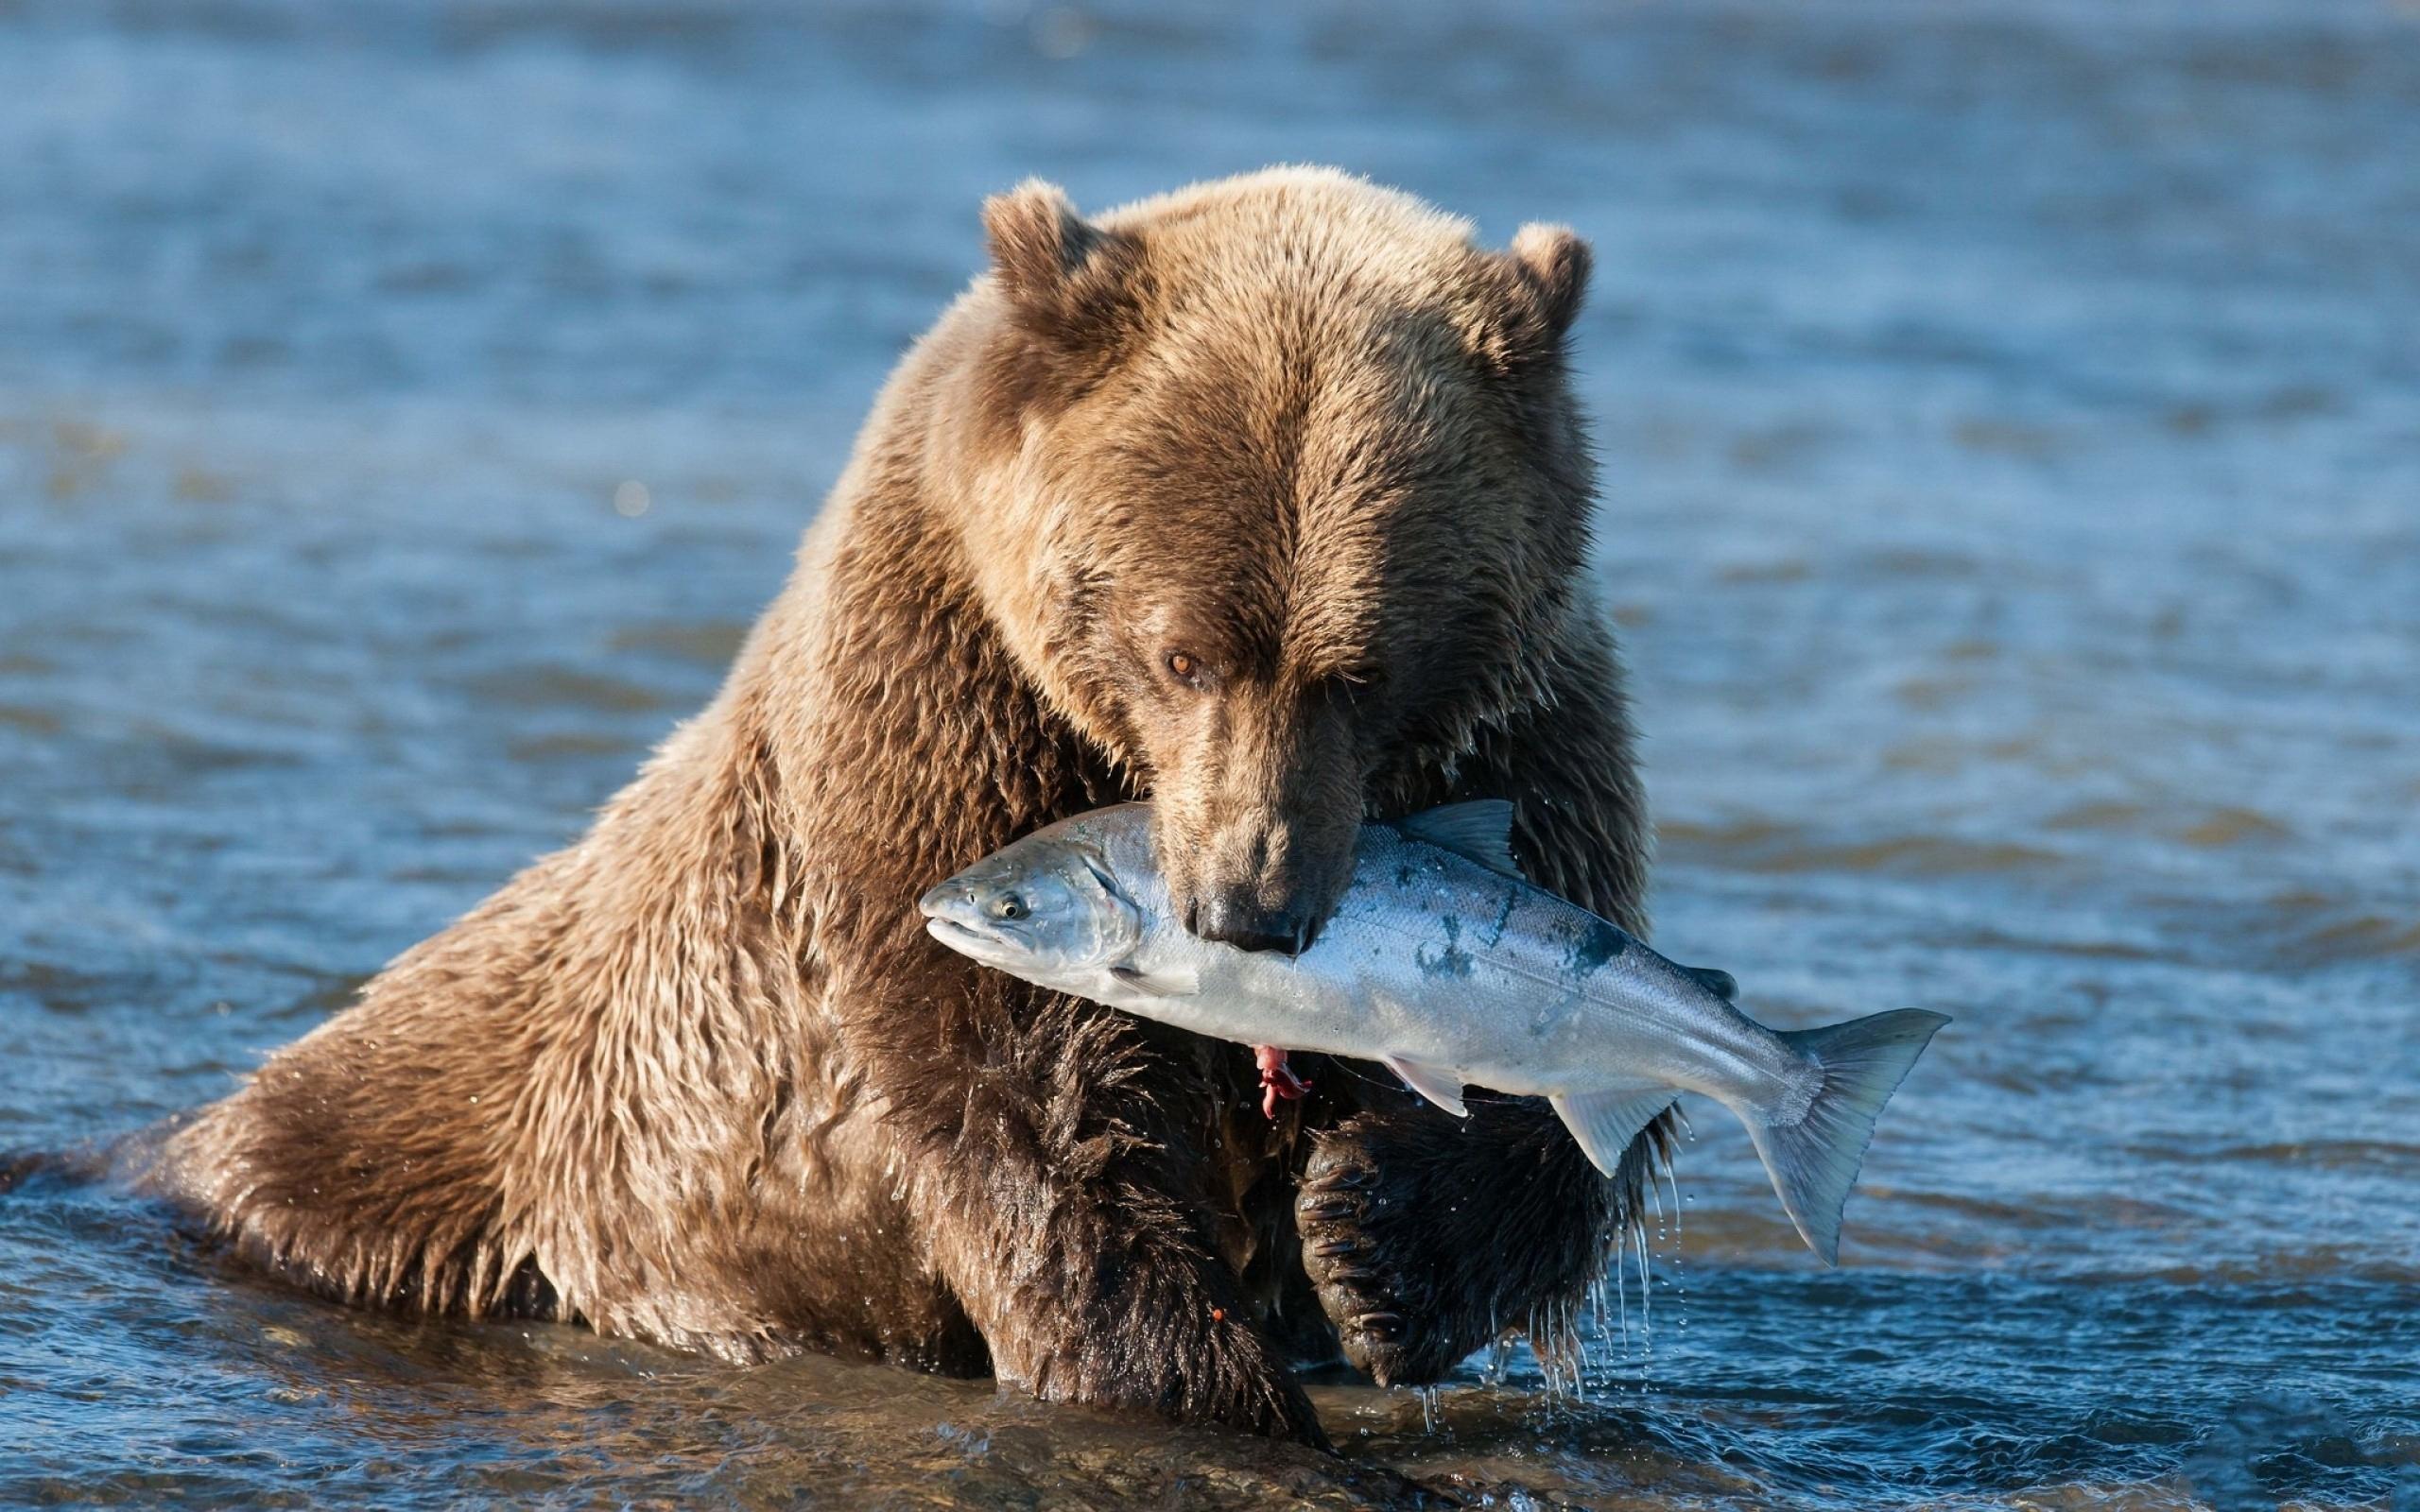 картинки разных медведей эконом-классе